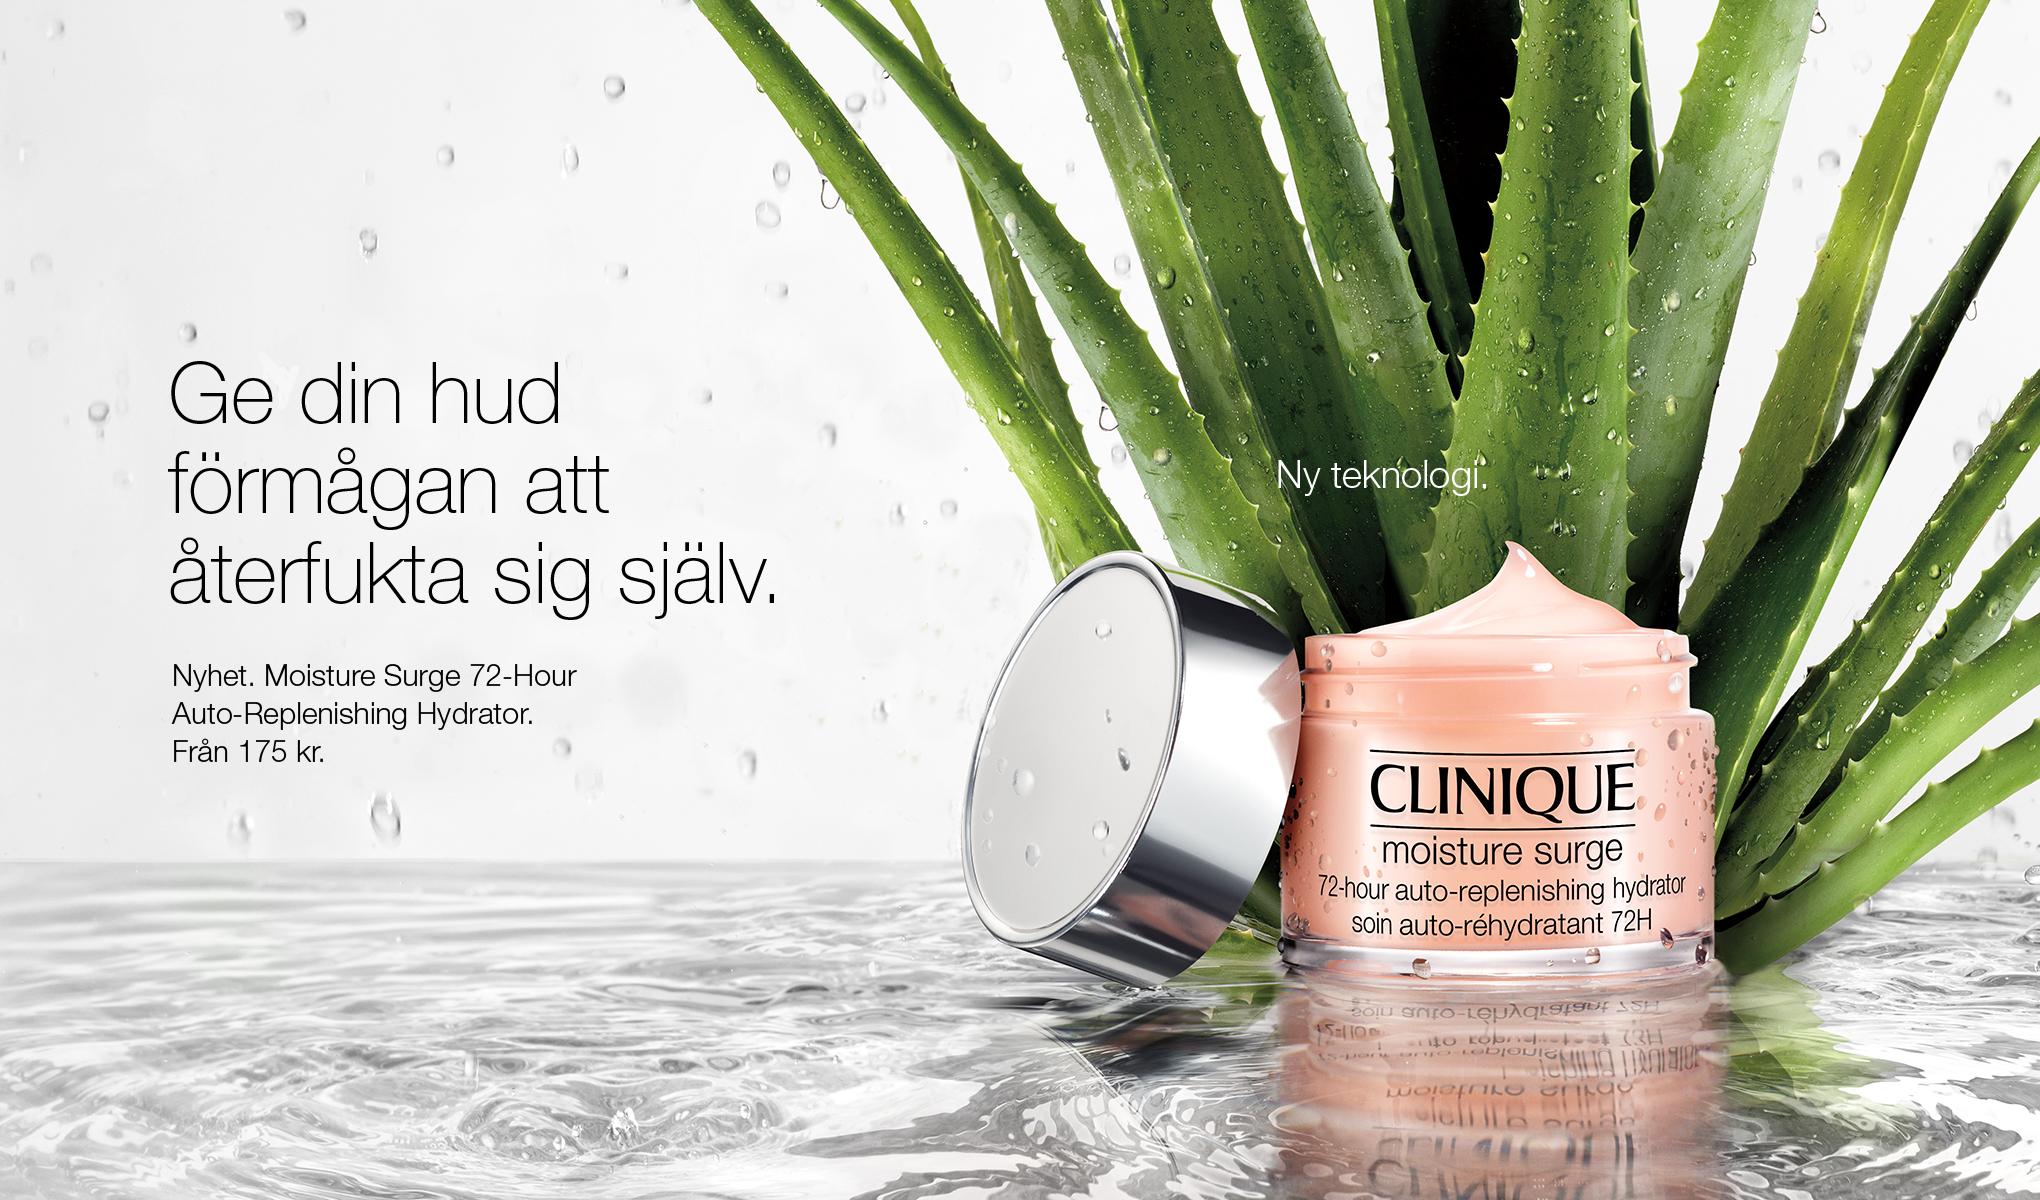 Köp Clinique smink   hudvård online till rätt pris  b1d3c28ac6b38